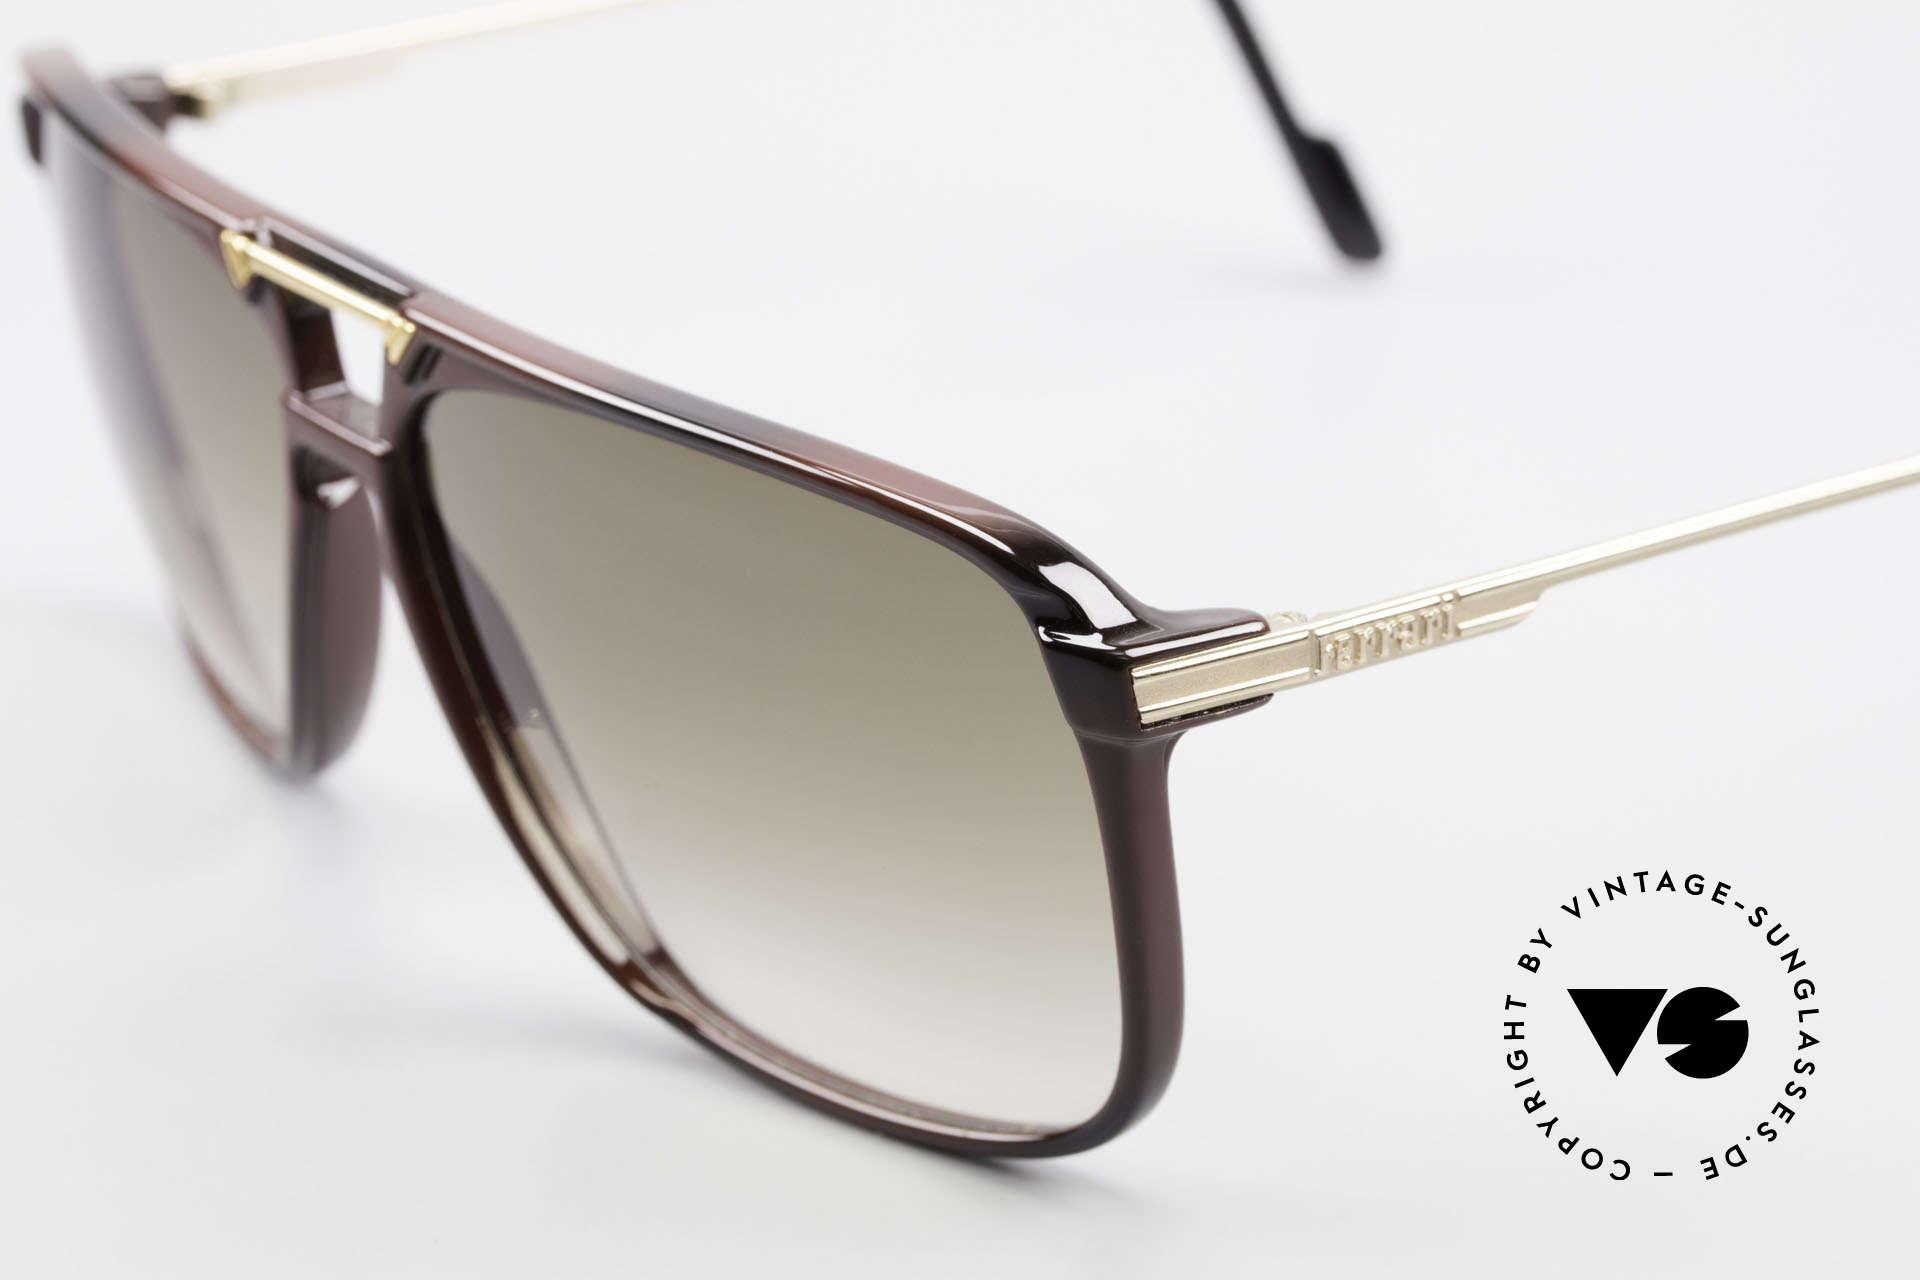 Ferrari F36/S Karbon Herren Sonnenbrille, begehrte vintage Brille d. FERRARI FORMULA Serie, Passend für Herren